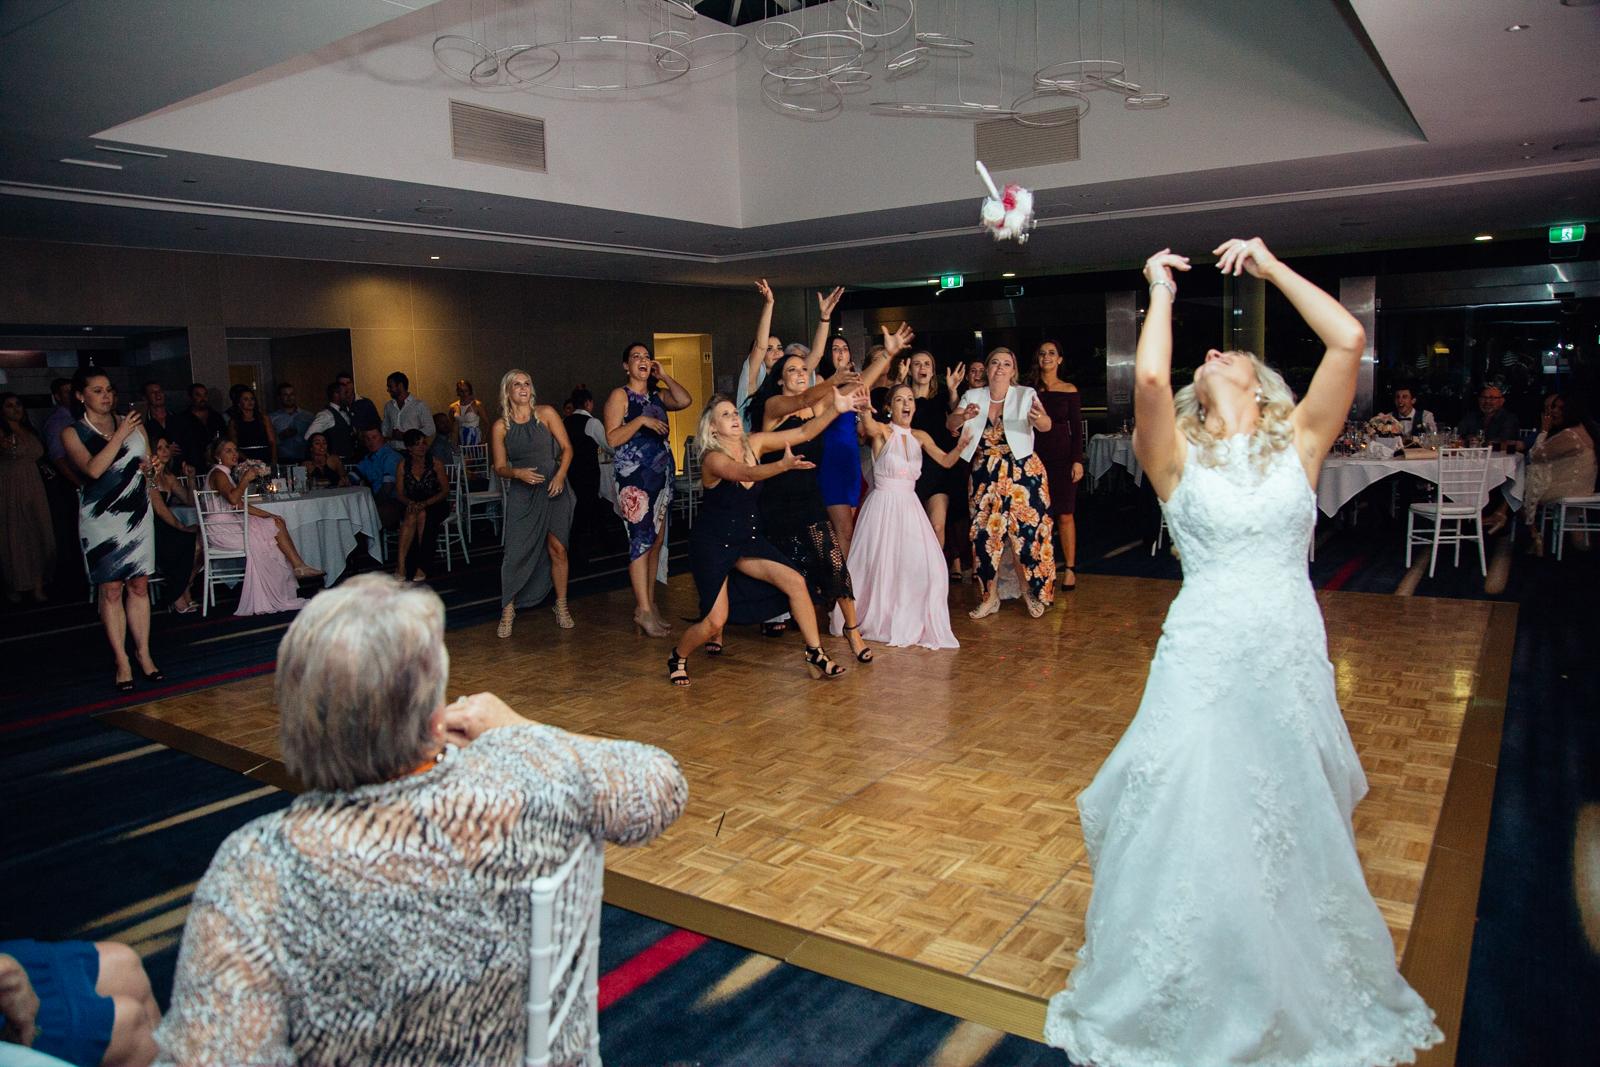 Gold Coast Wedding Bouqet toss